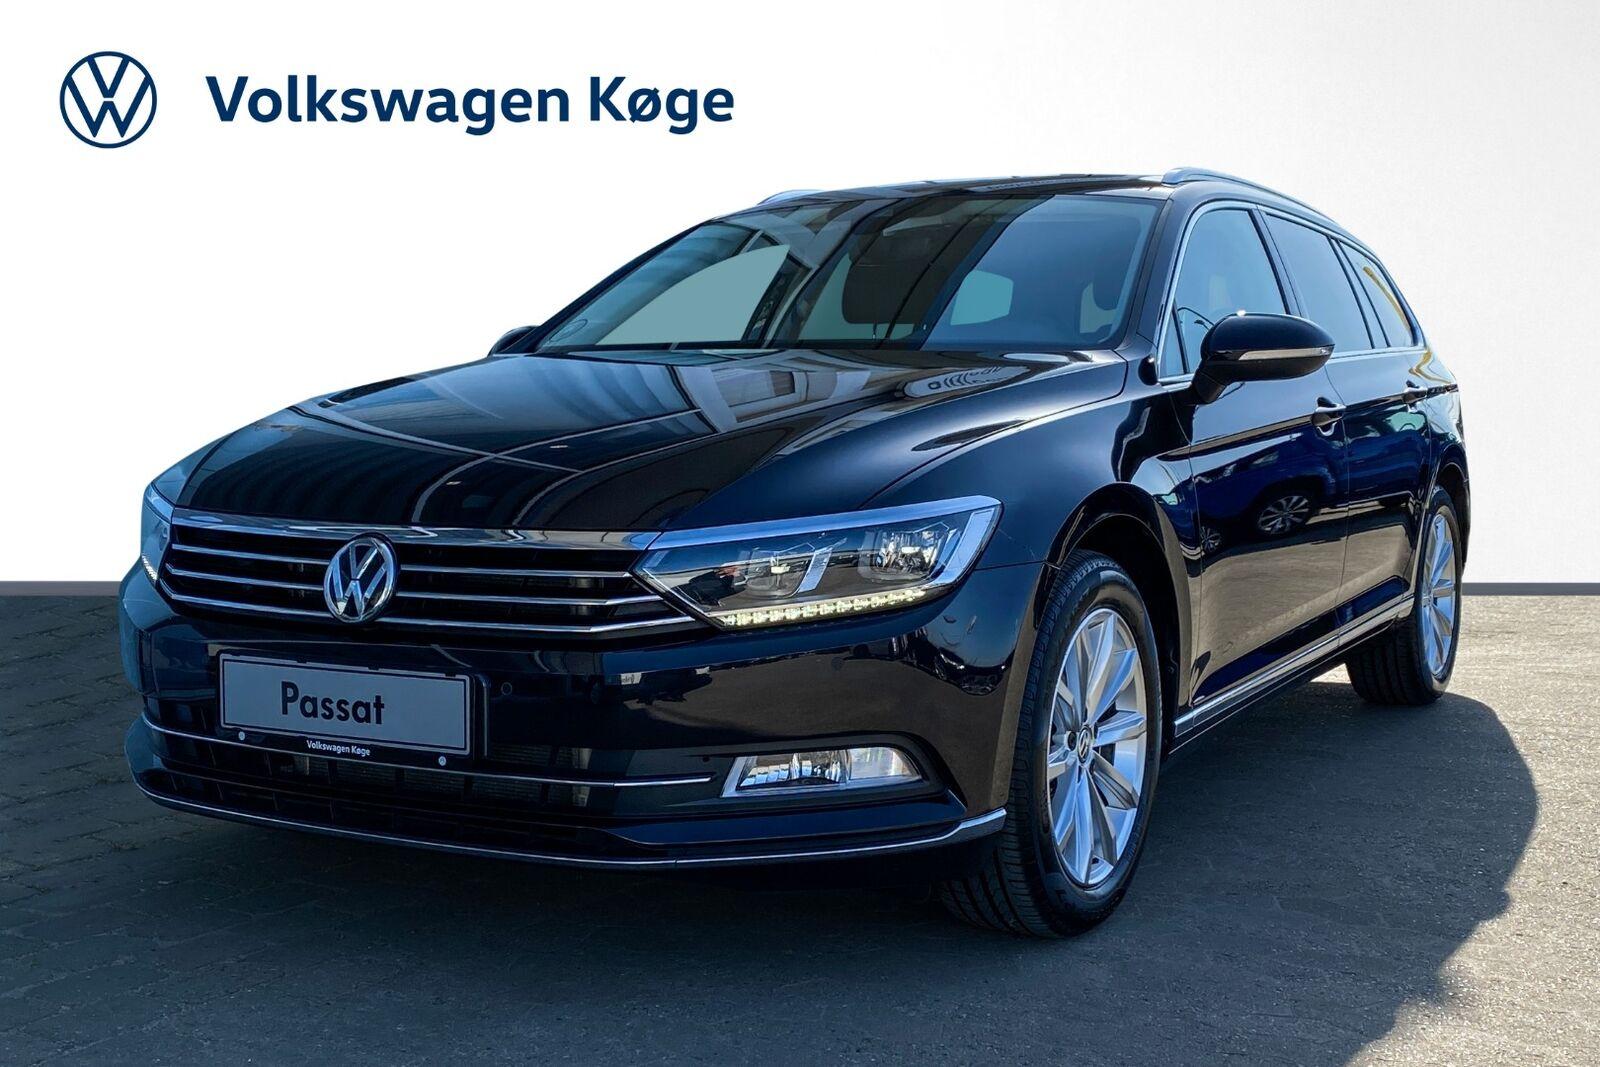 VW Passat 2,0 TDi 150 Highl. Prem. Vari. DSG 5d - 389.900 kr.